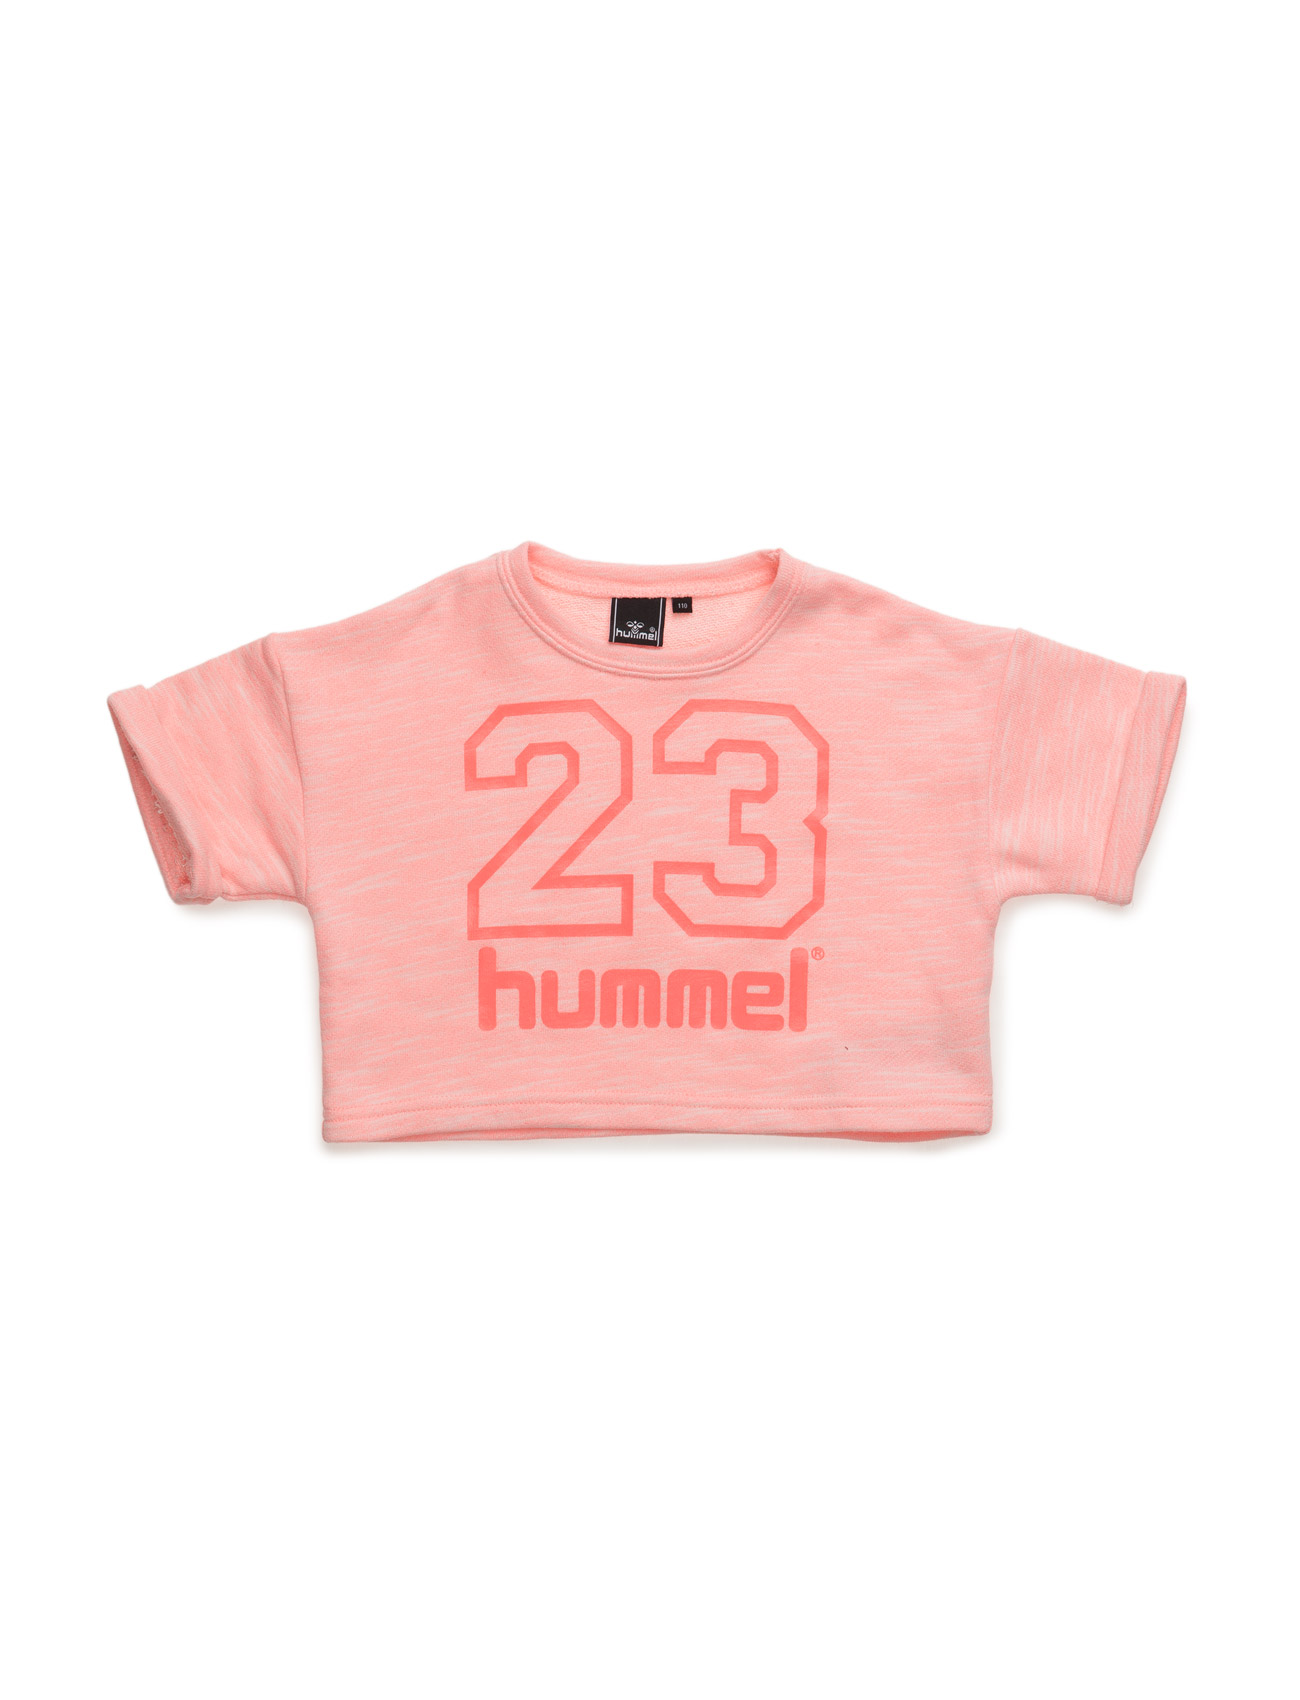 Cindy Top Hummel Kortærmede t-shirts til Børn i